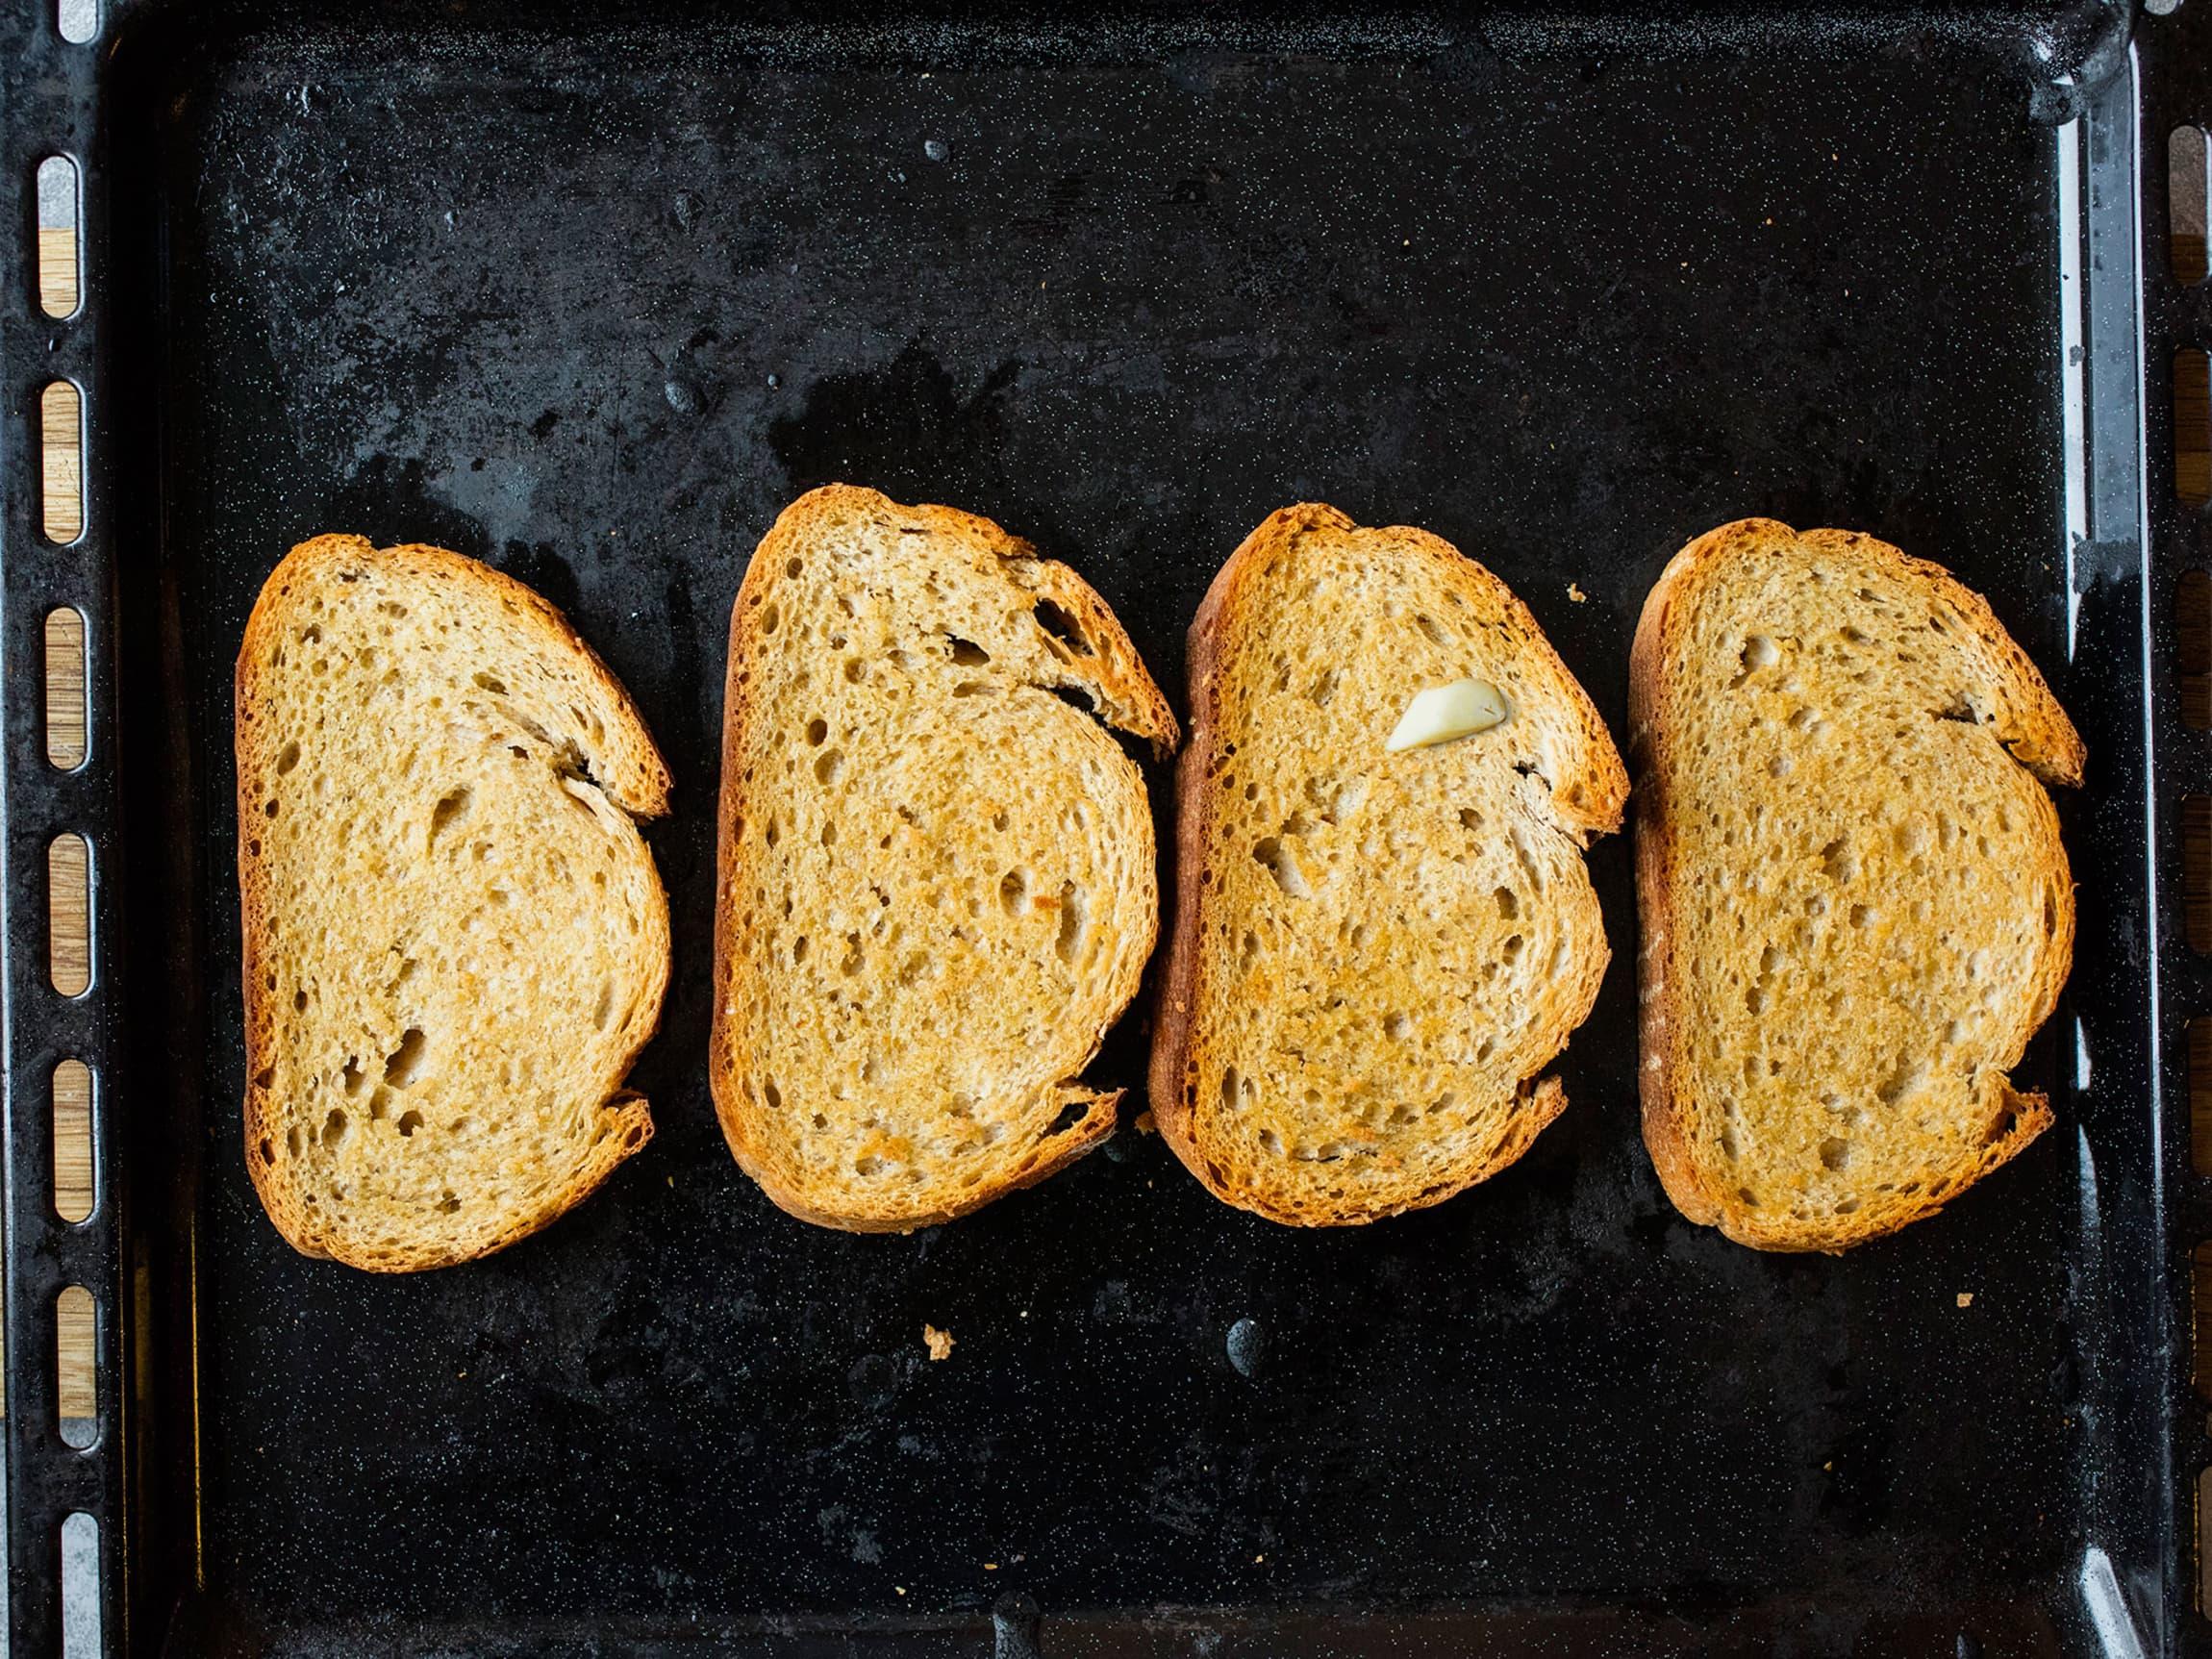 For å få en sprø bruschetta, må brødet grilles på begge sider.